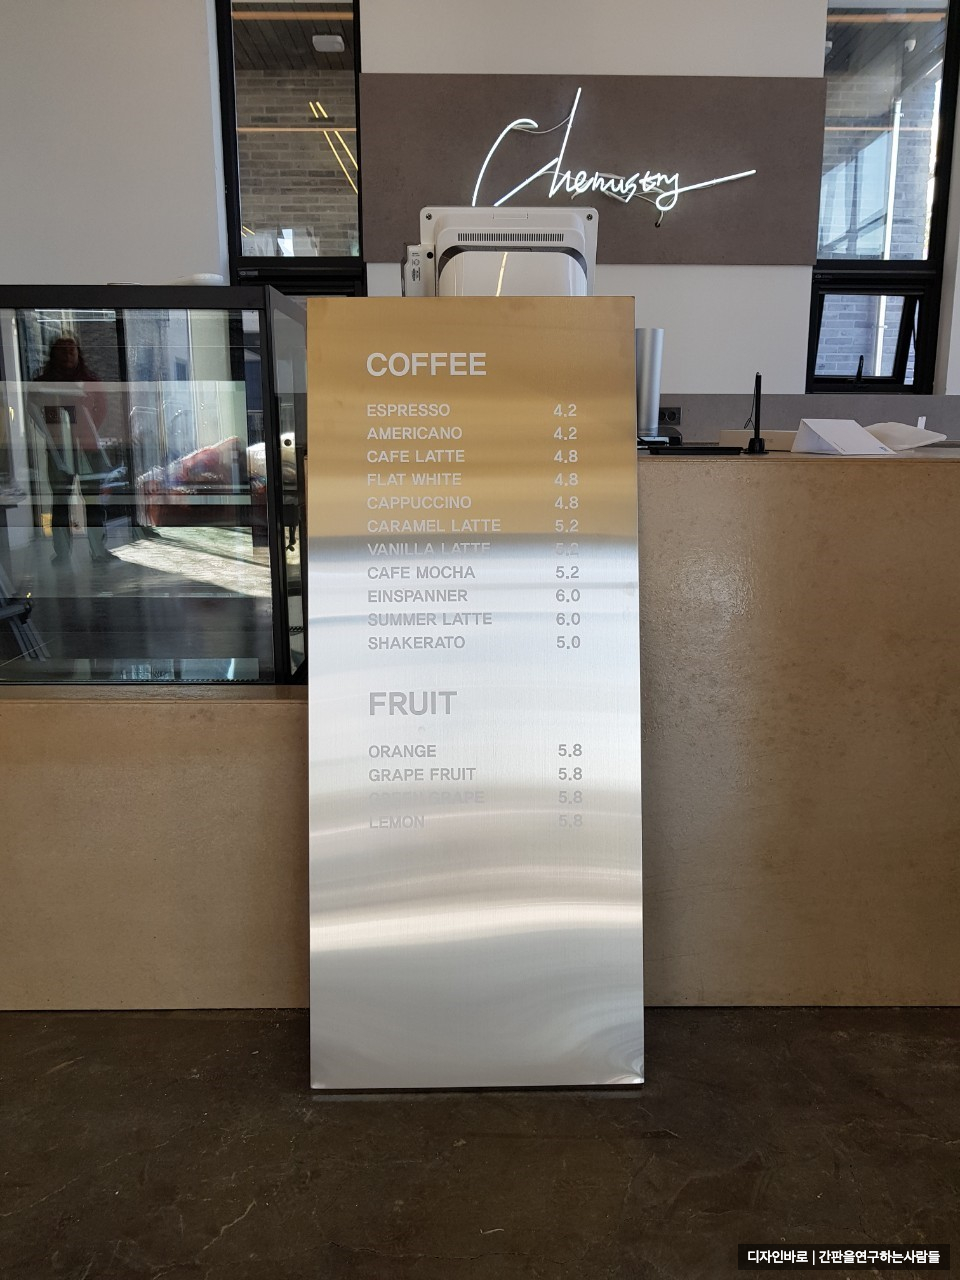 [동탄 간판 ] 케미스트리 커피 Chenustry COFFEE 스테인리스 헤어라인 입간판